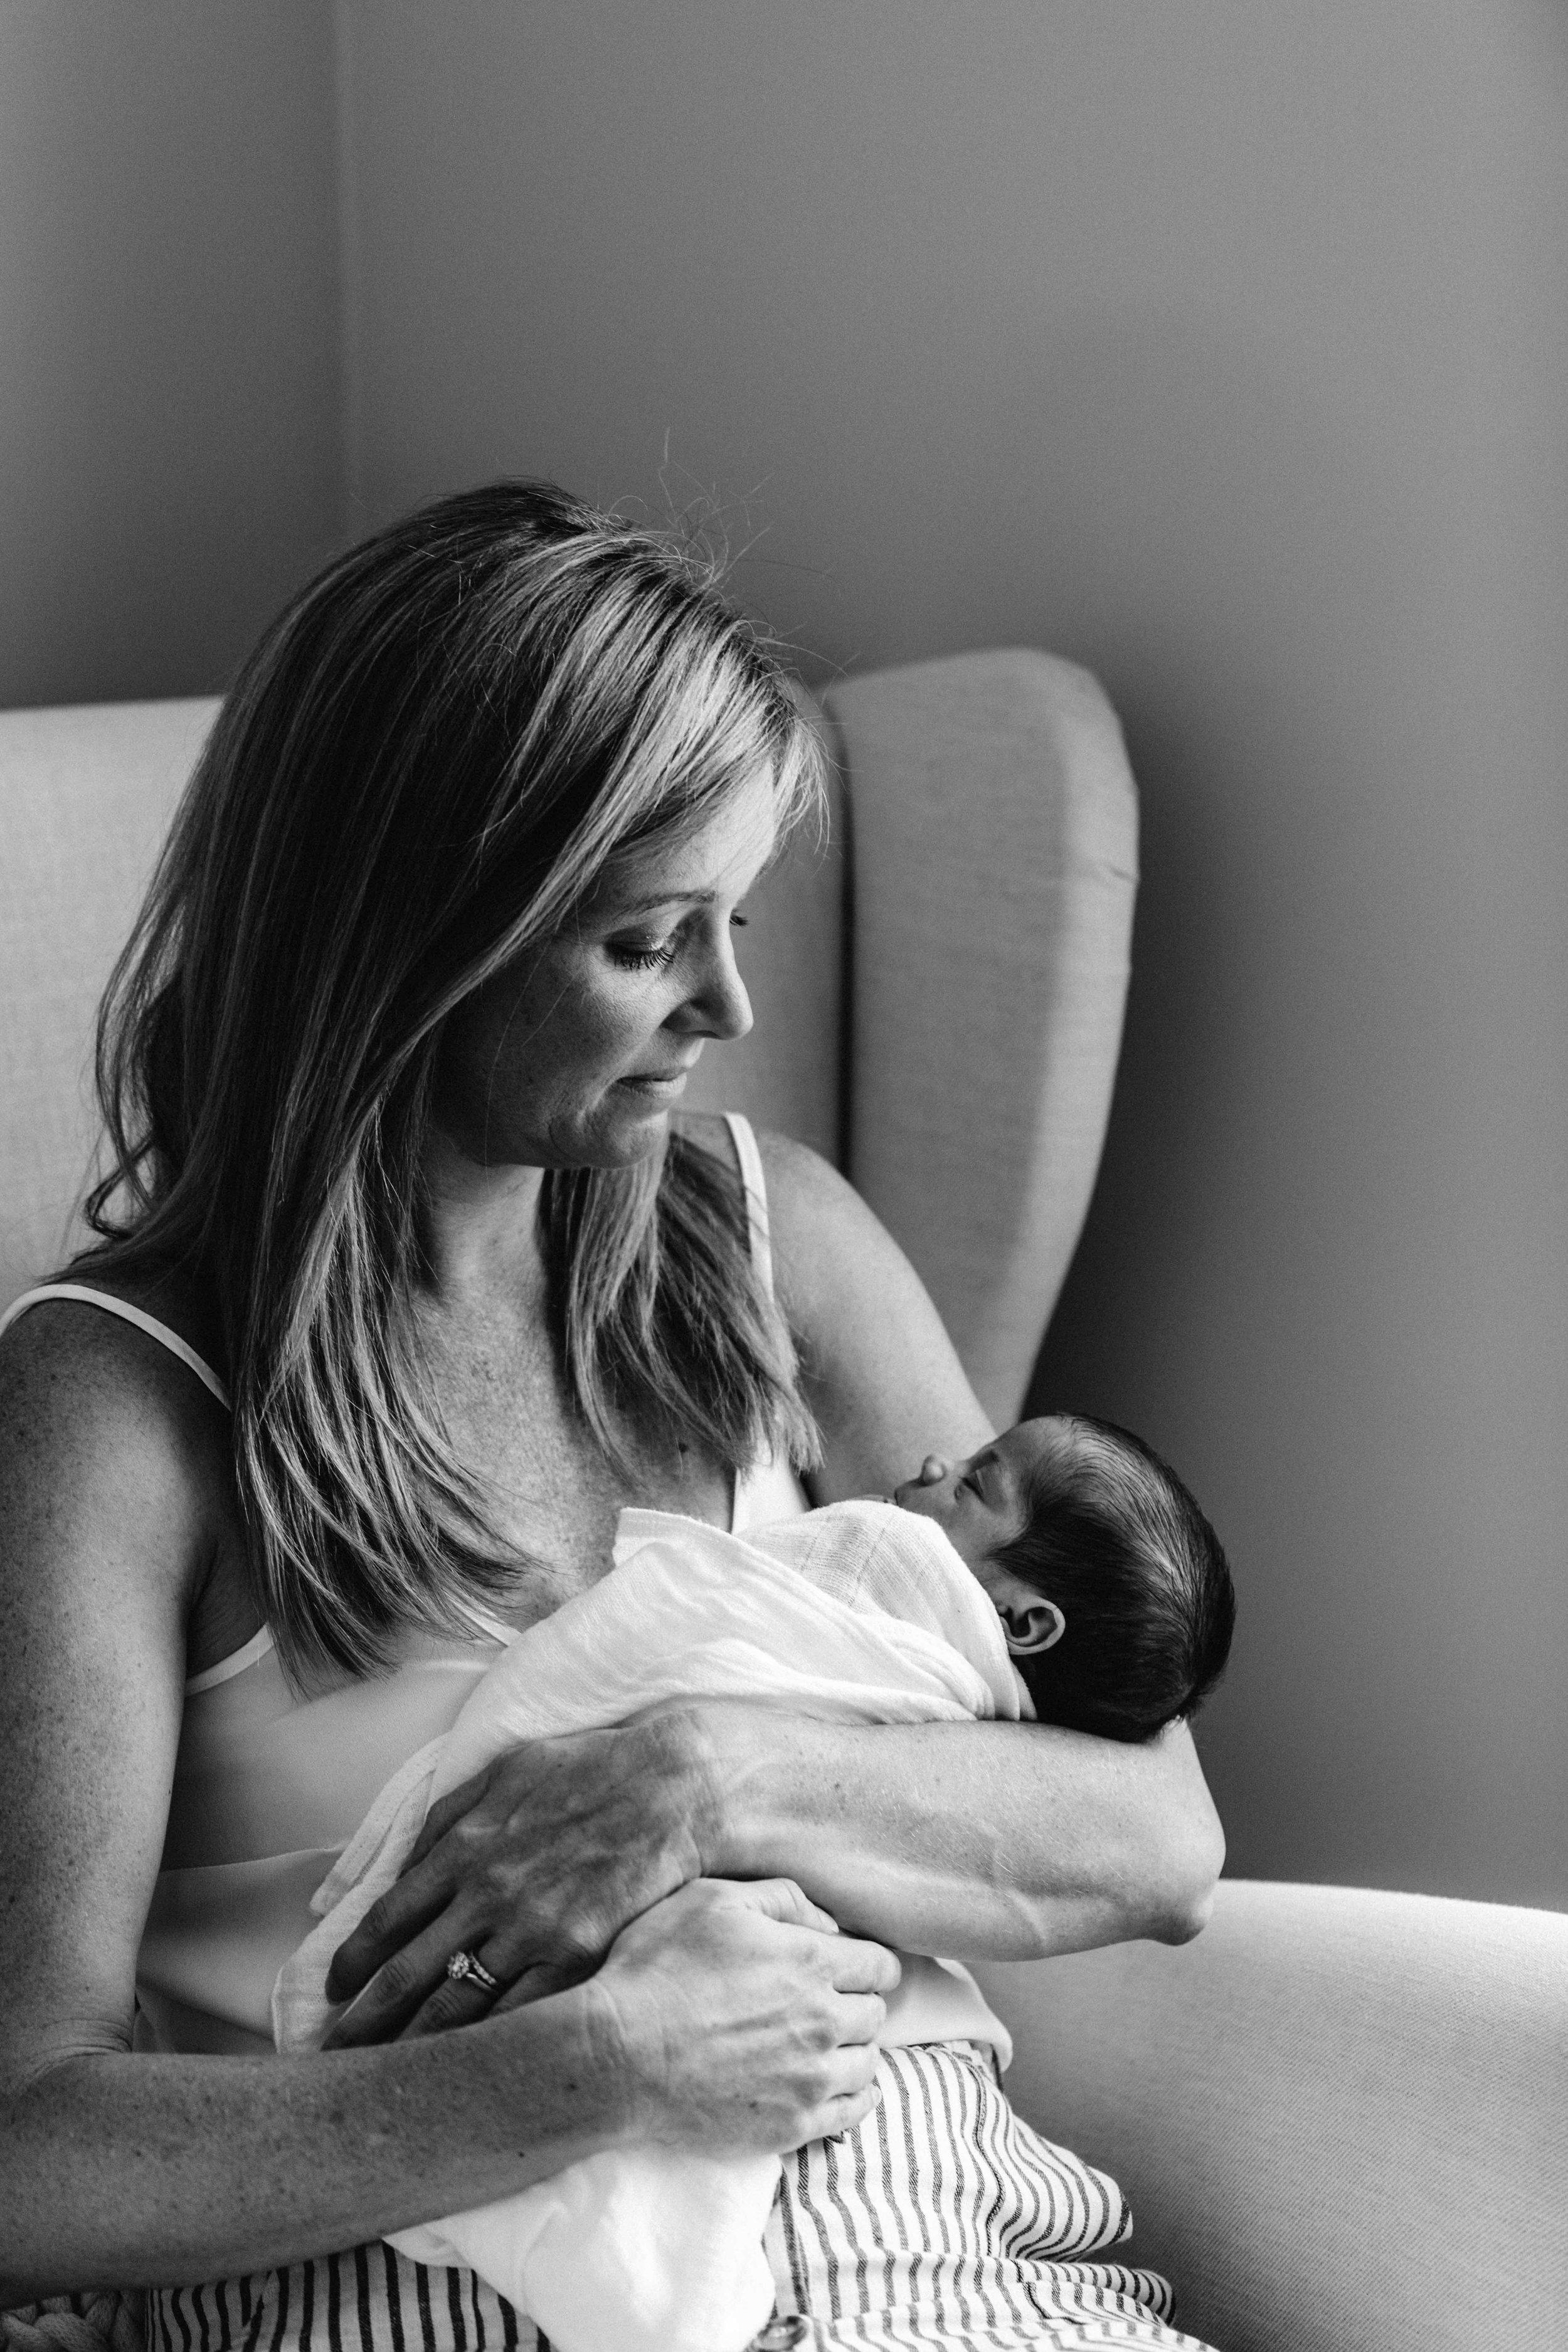 cobbityy-camden-newborn-twin-phootgraphy-violet-brodie-45.jpg